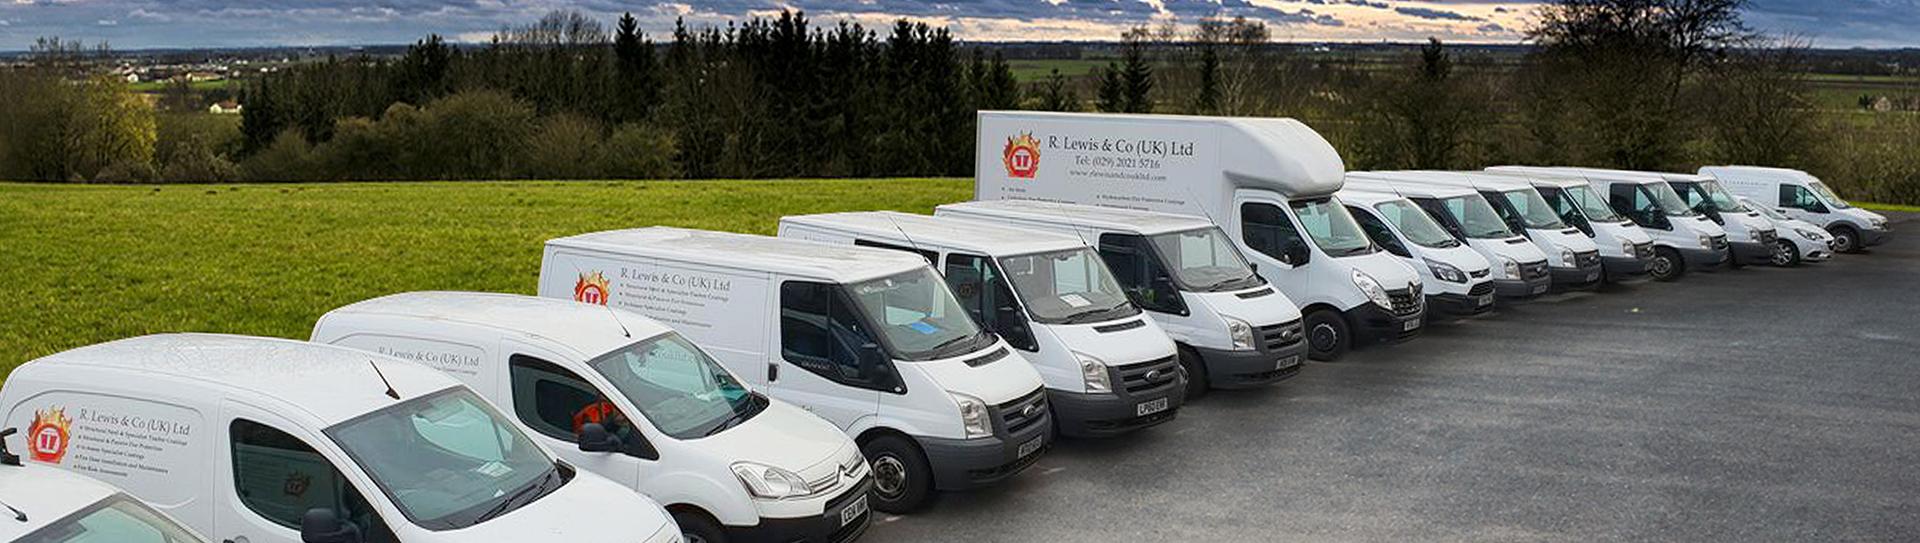 R Lewis - van fleet